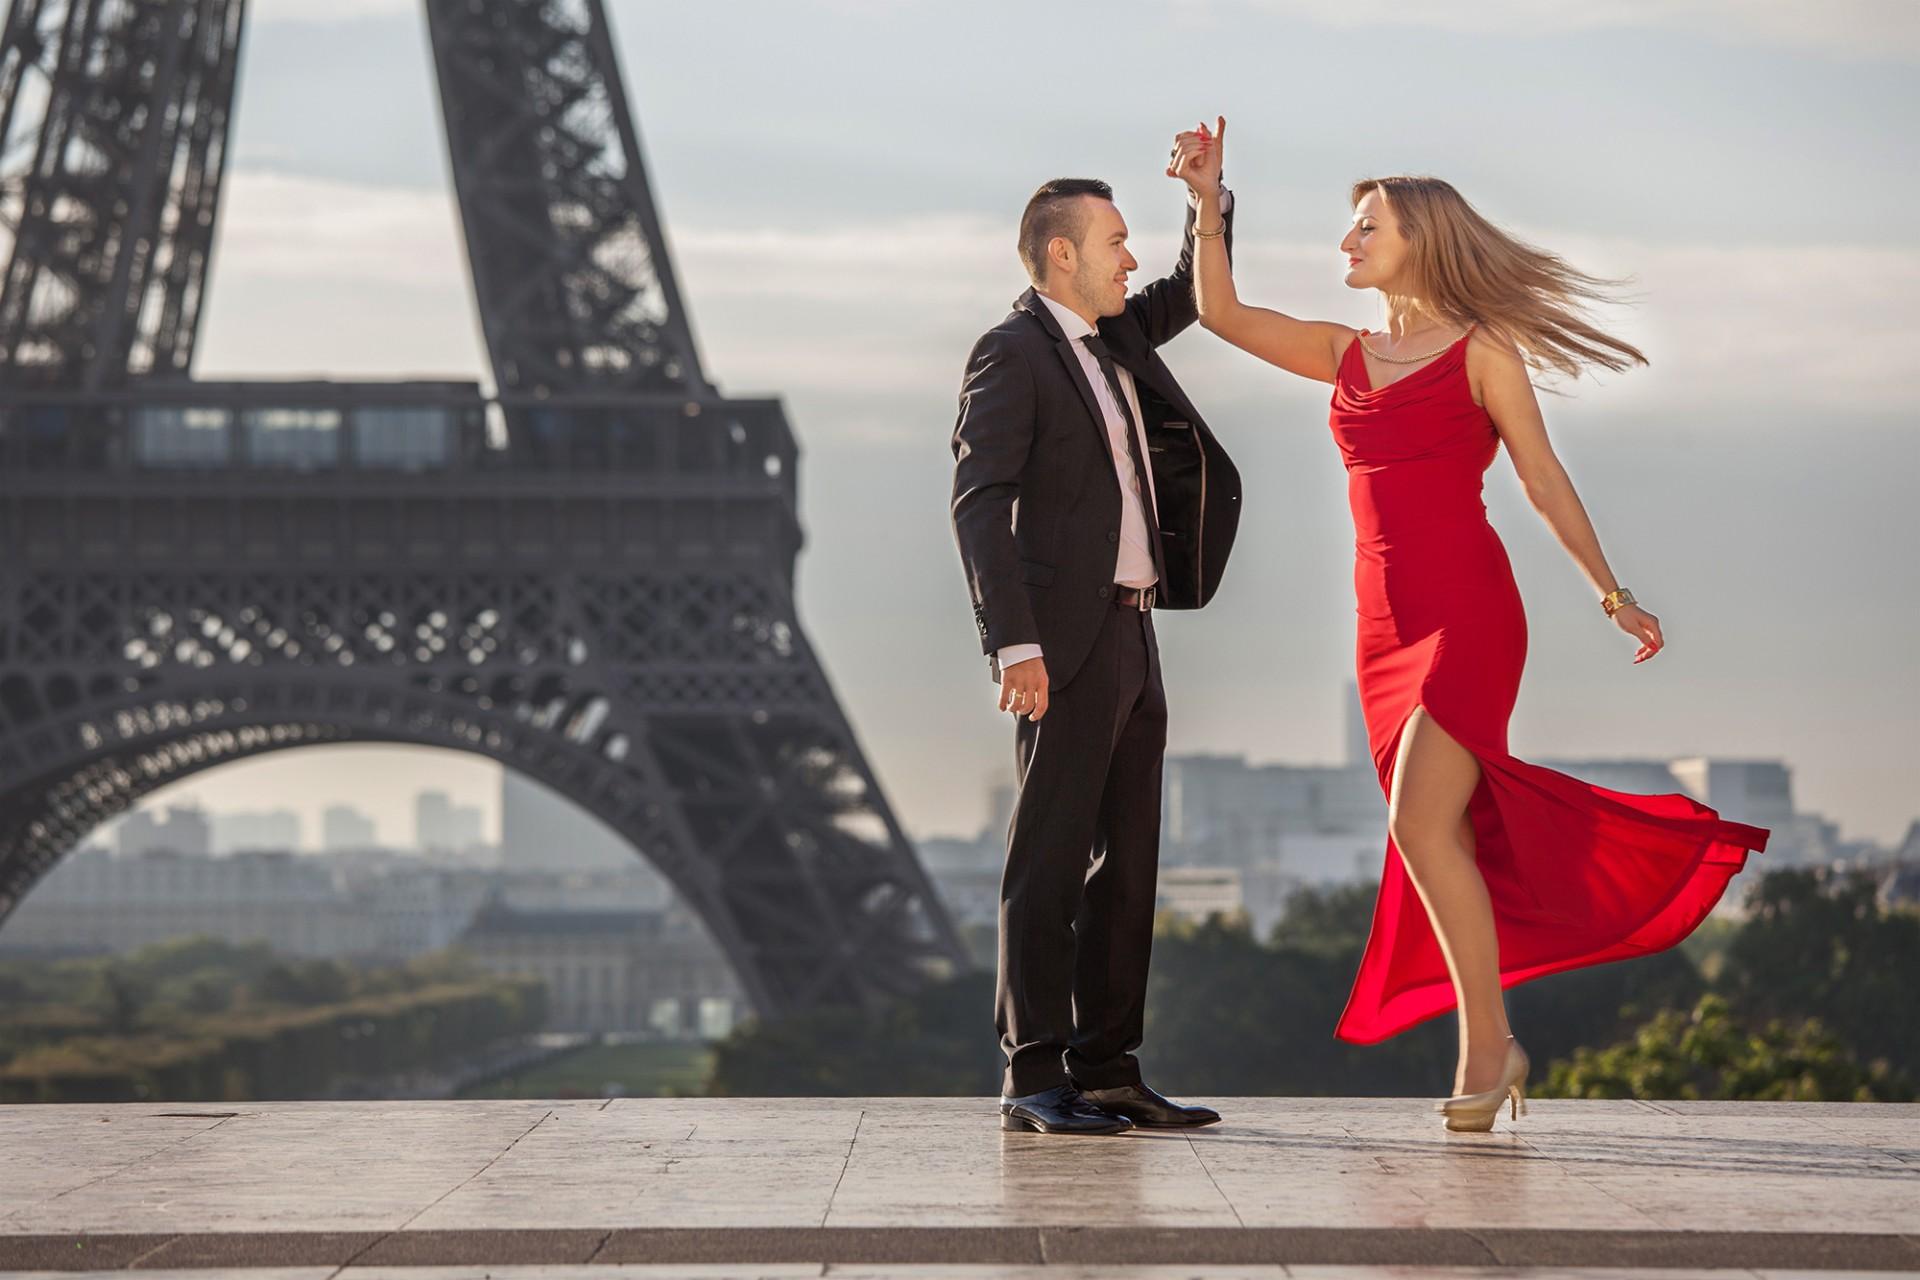 Fotograf in Paris für romantische Tanzeinlage am Eiffelturm